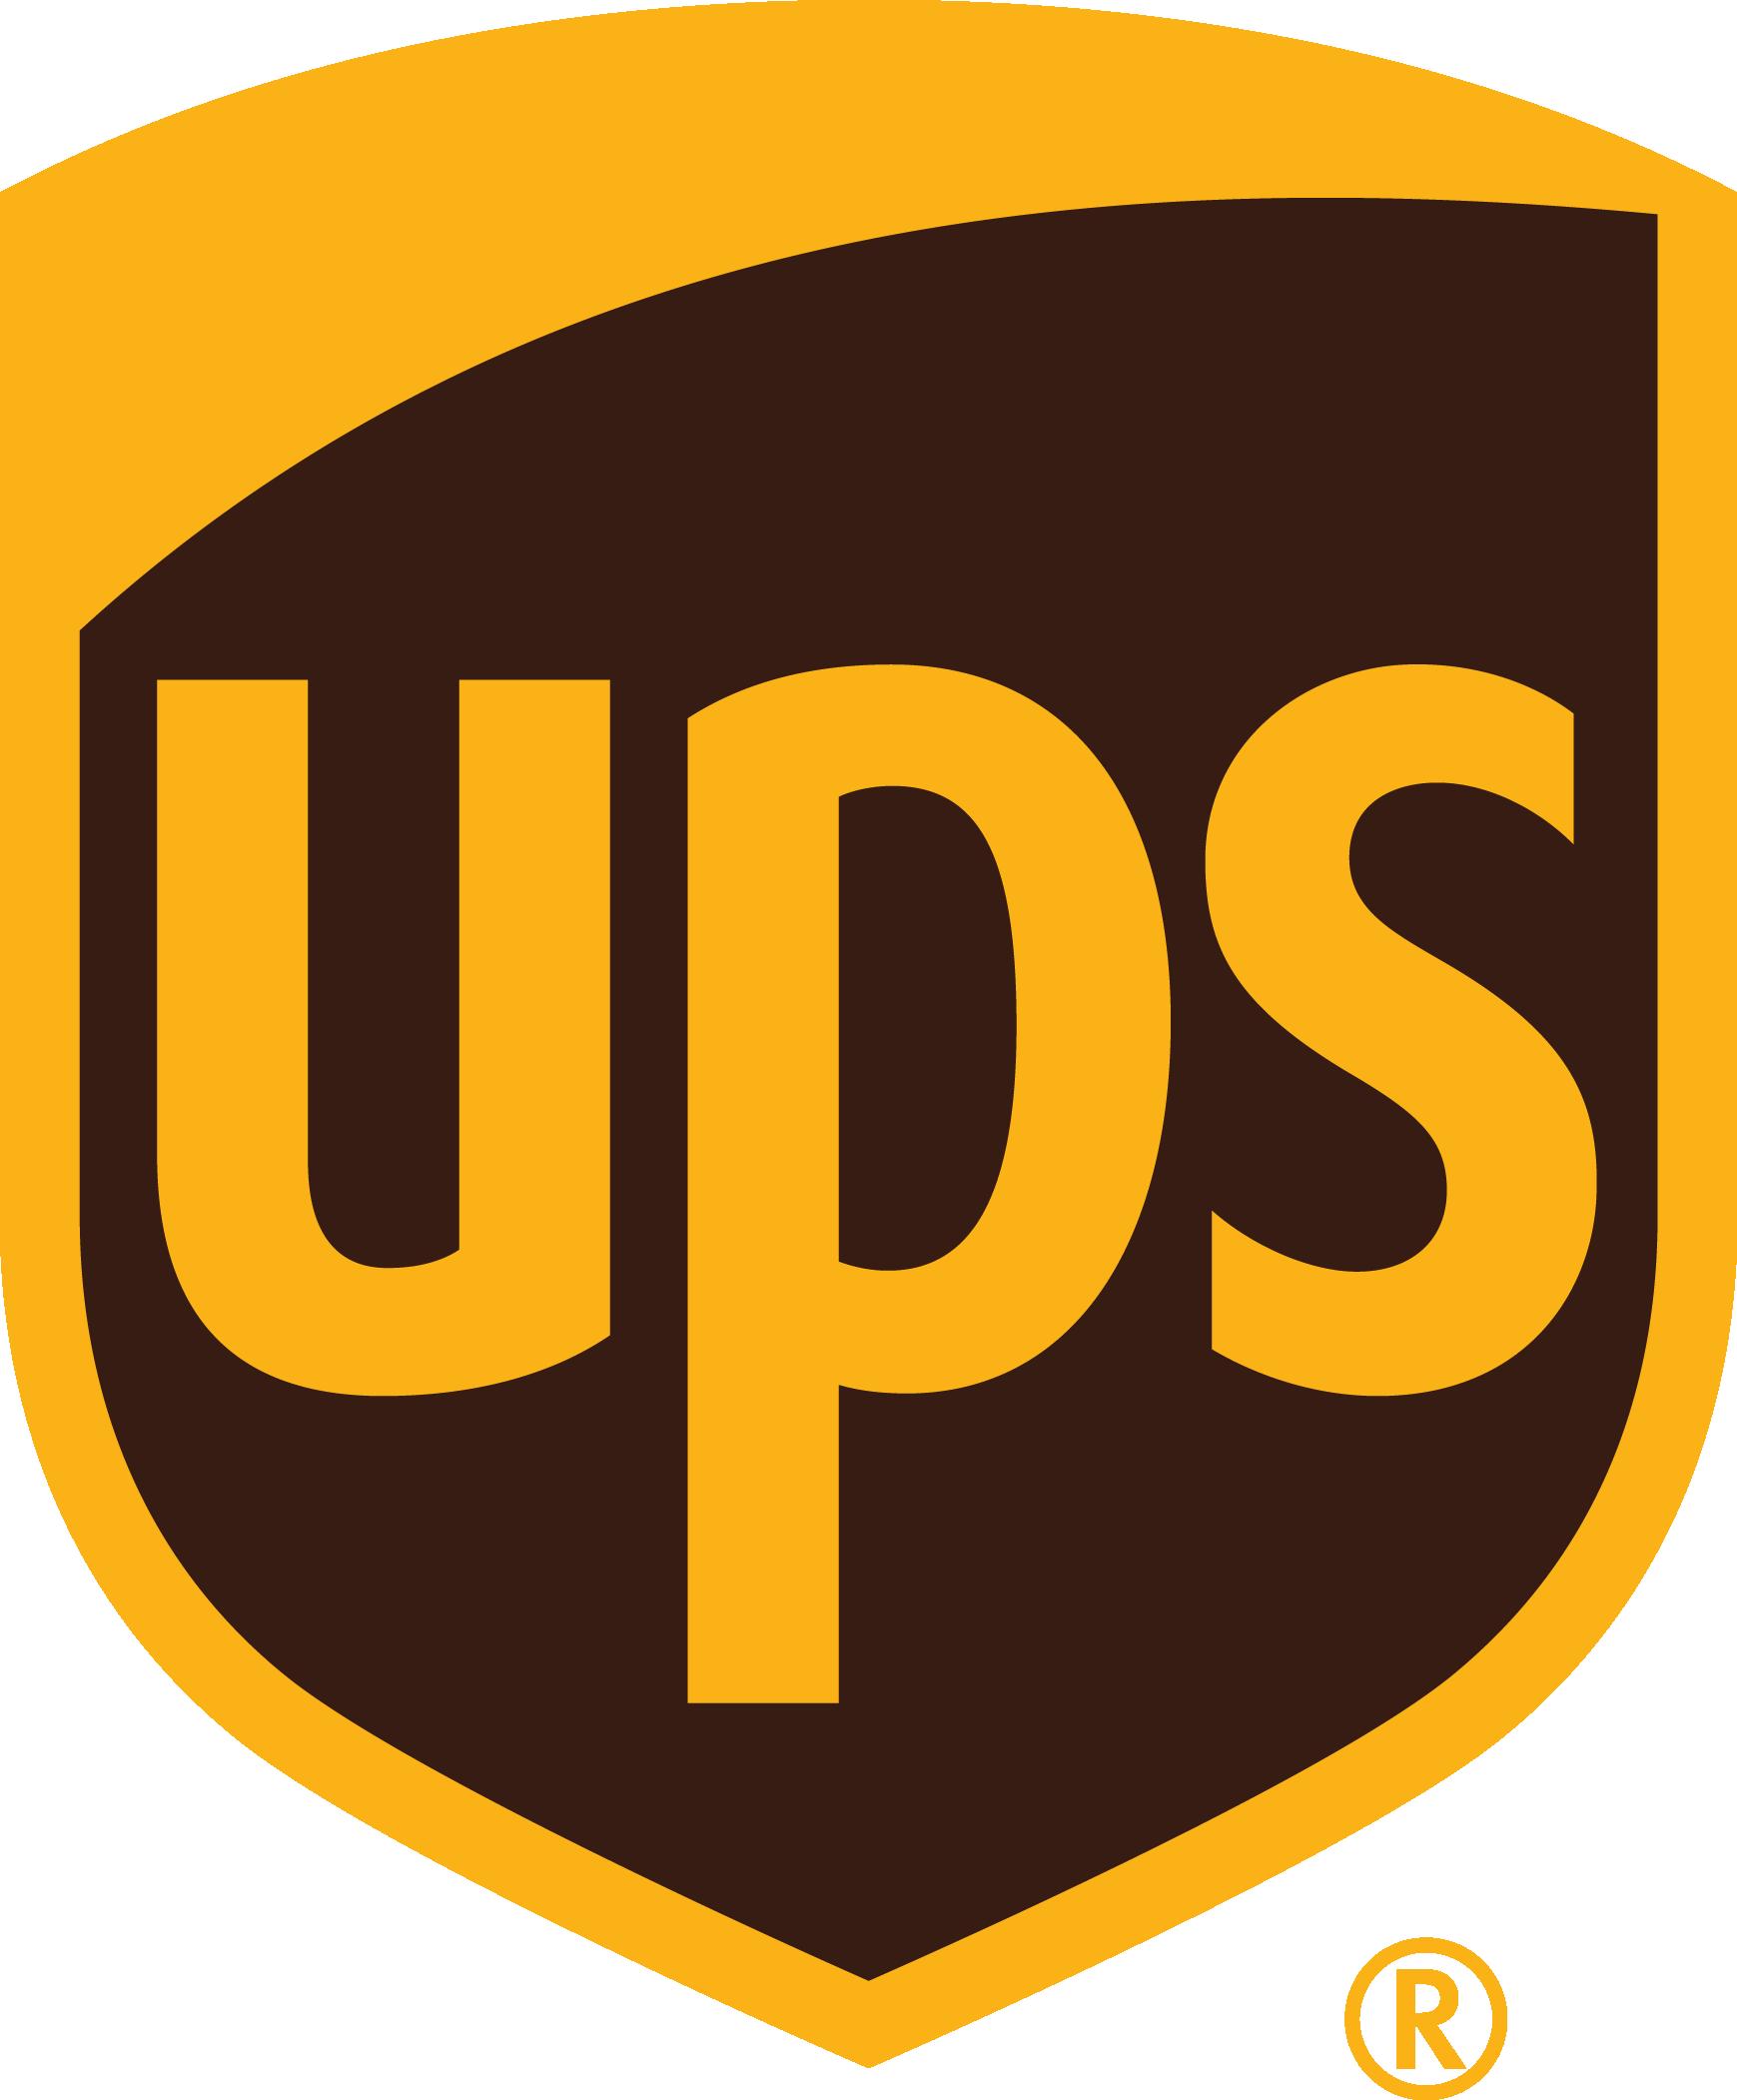 New Ups Logo PNG - 116121